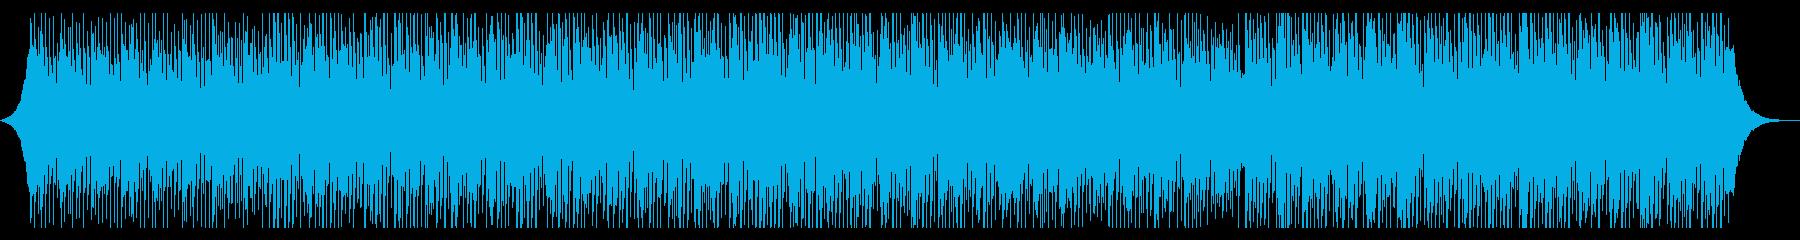 成功した技術の再生済みの波形